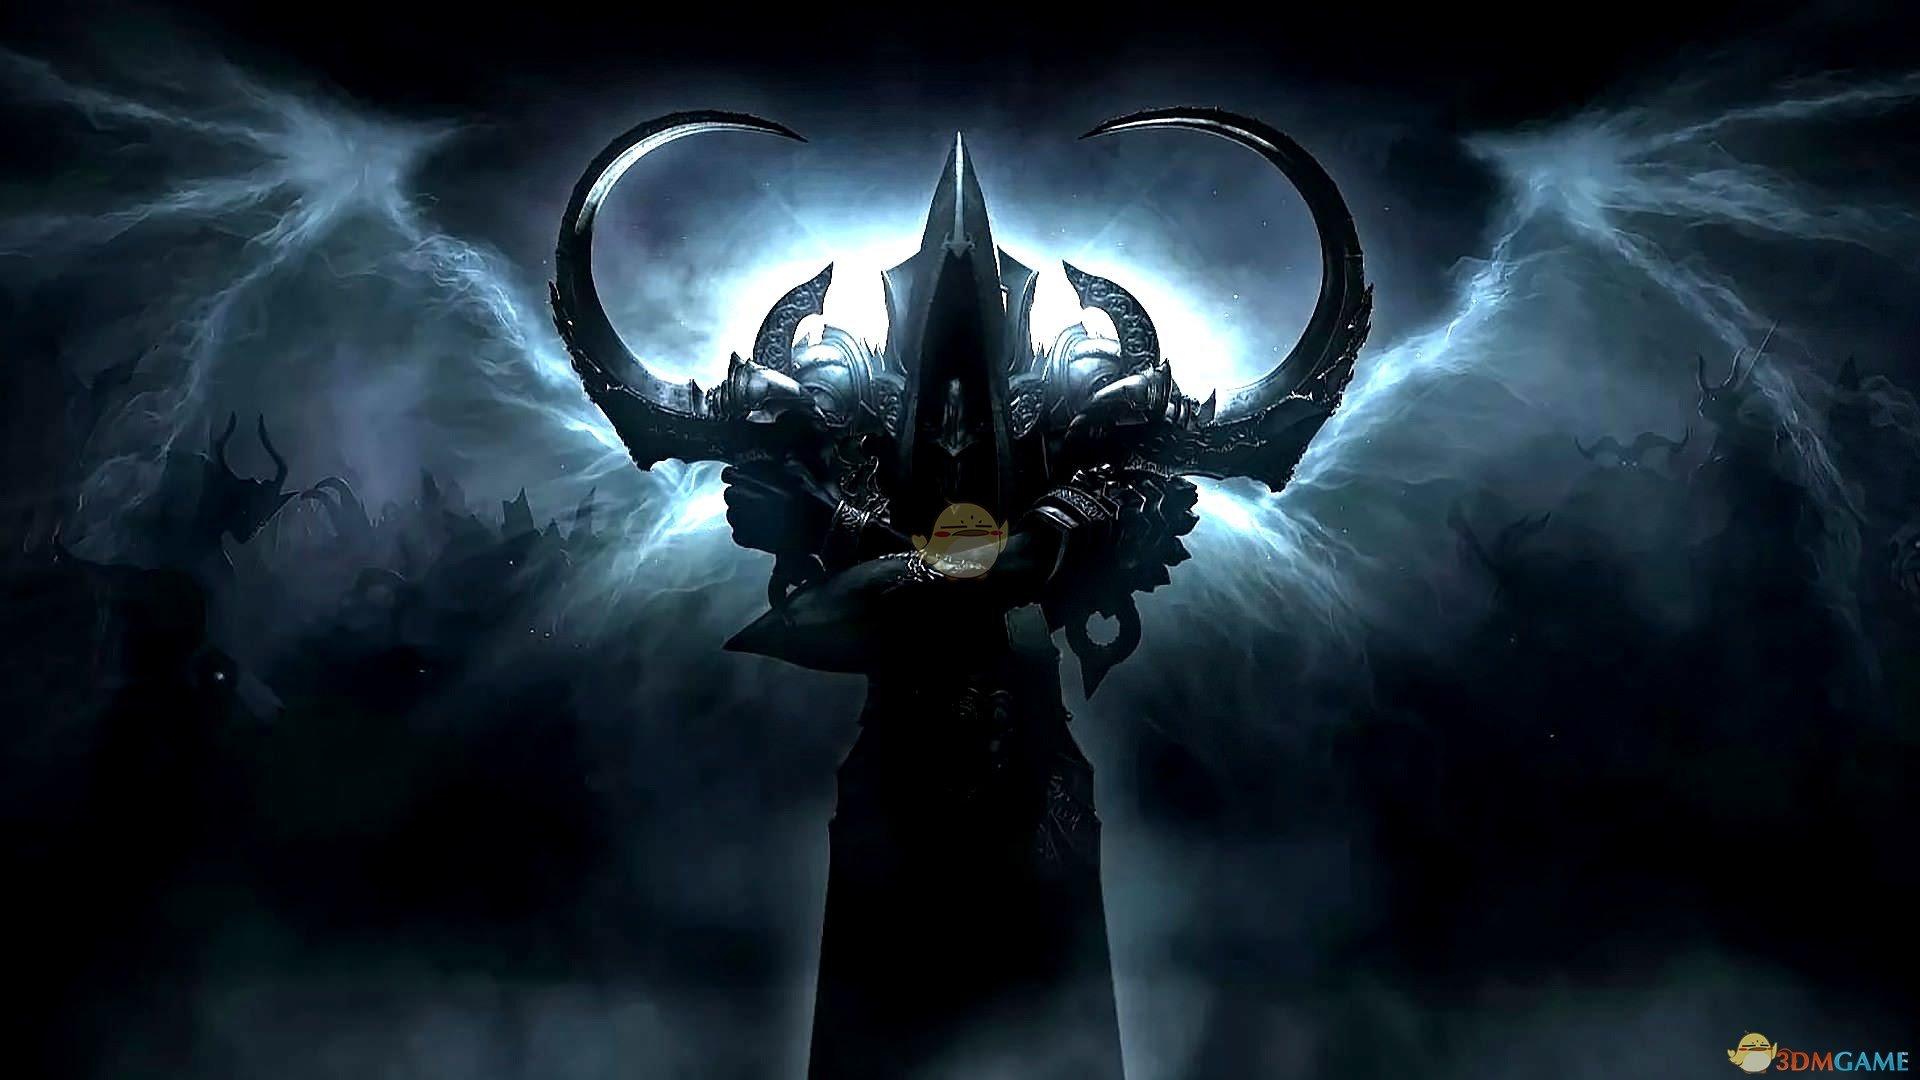 《暗黑破坏神3》第十七赛季开荒秘籍 这是一个看脸的时代